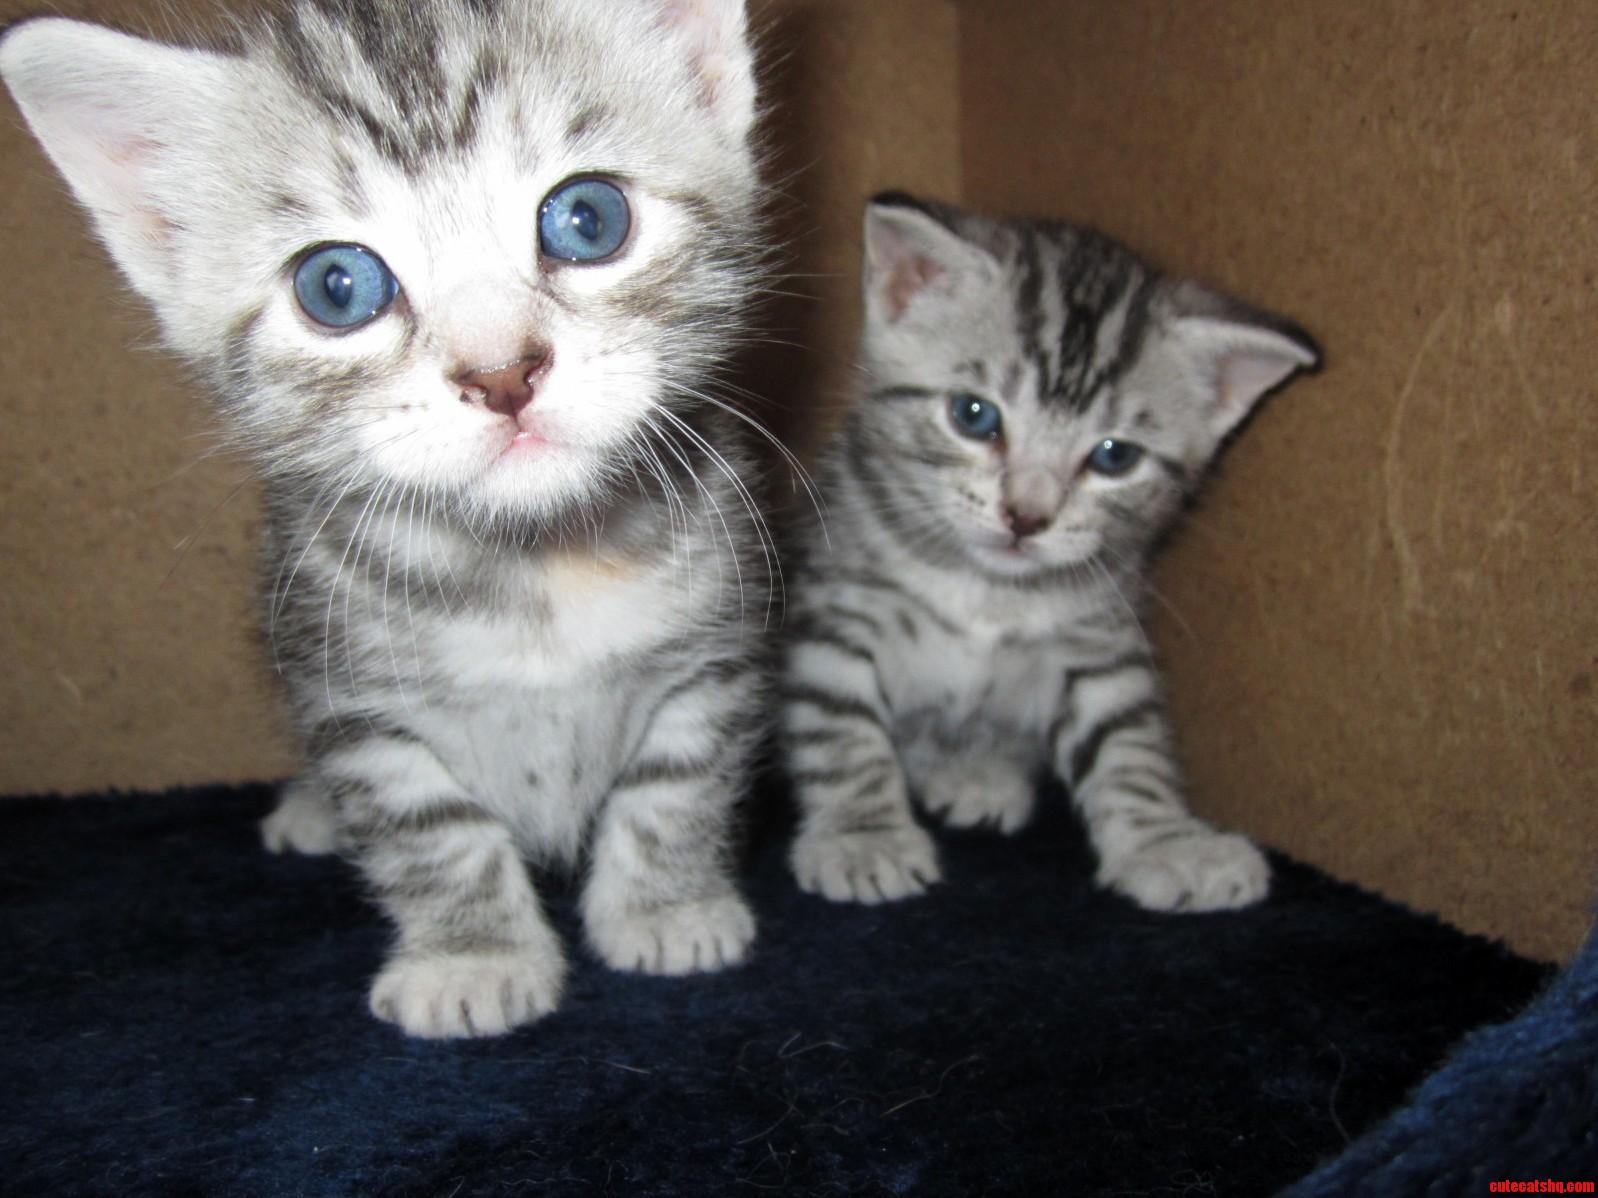 My 3week old kittens